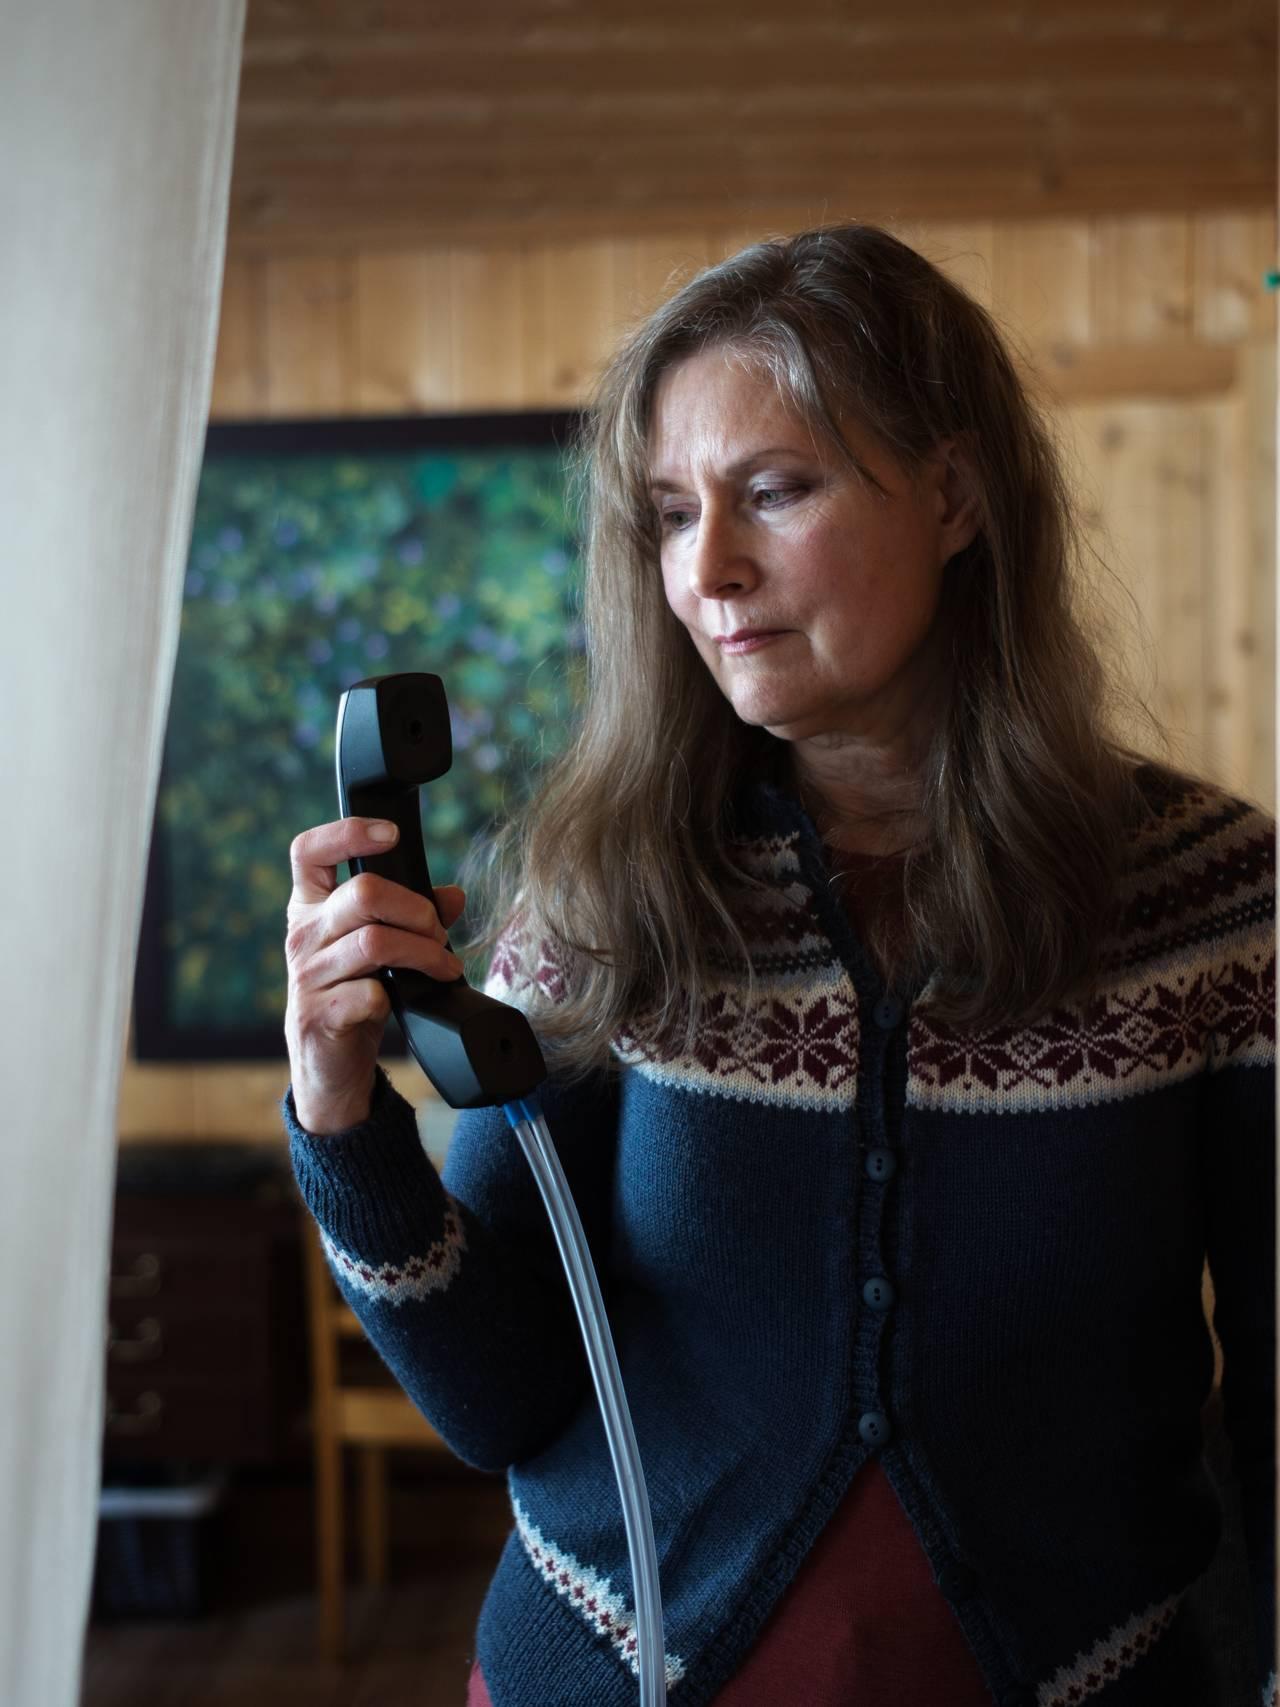 Debora Atwood flykter fra stråling. Telefonen hennes er ombygd og lyden går med luft til røret.